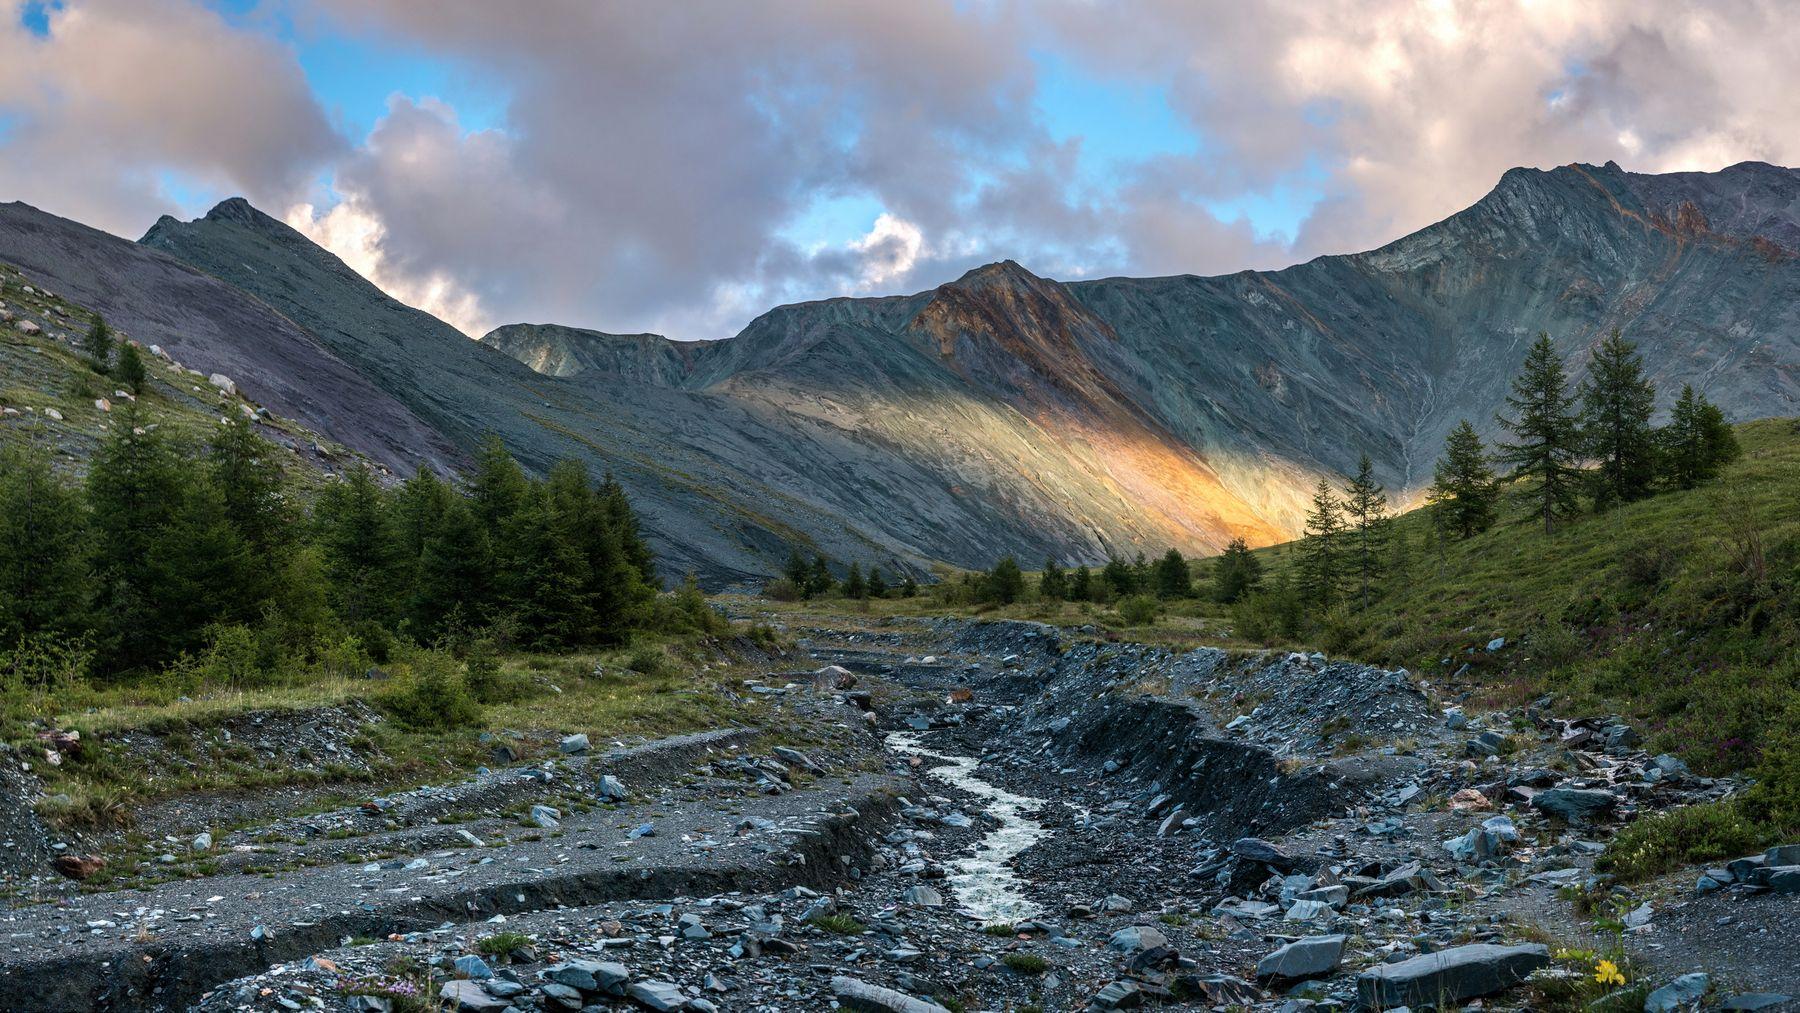 Последний солнца луч. горы алтай горный долина ярлу луч солнце пейзаж природа россия ник васильев красота вечер